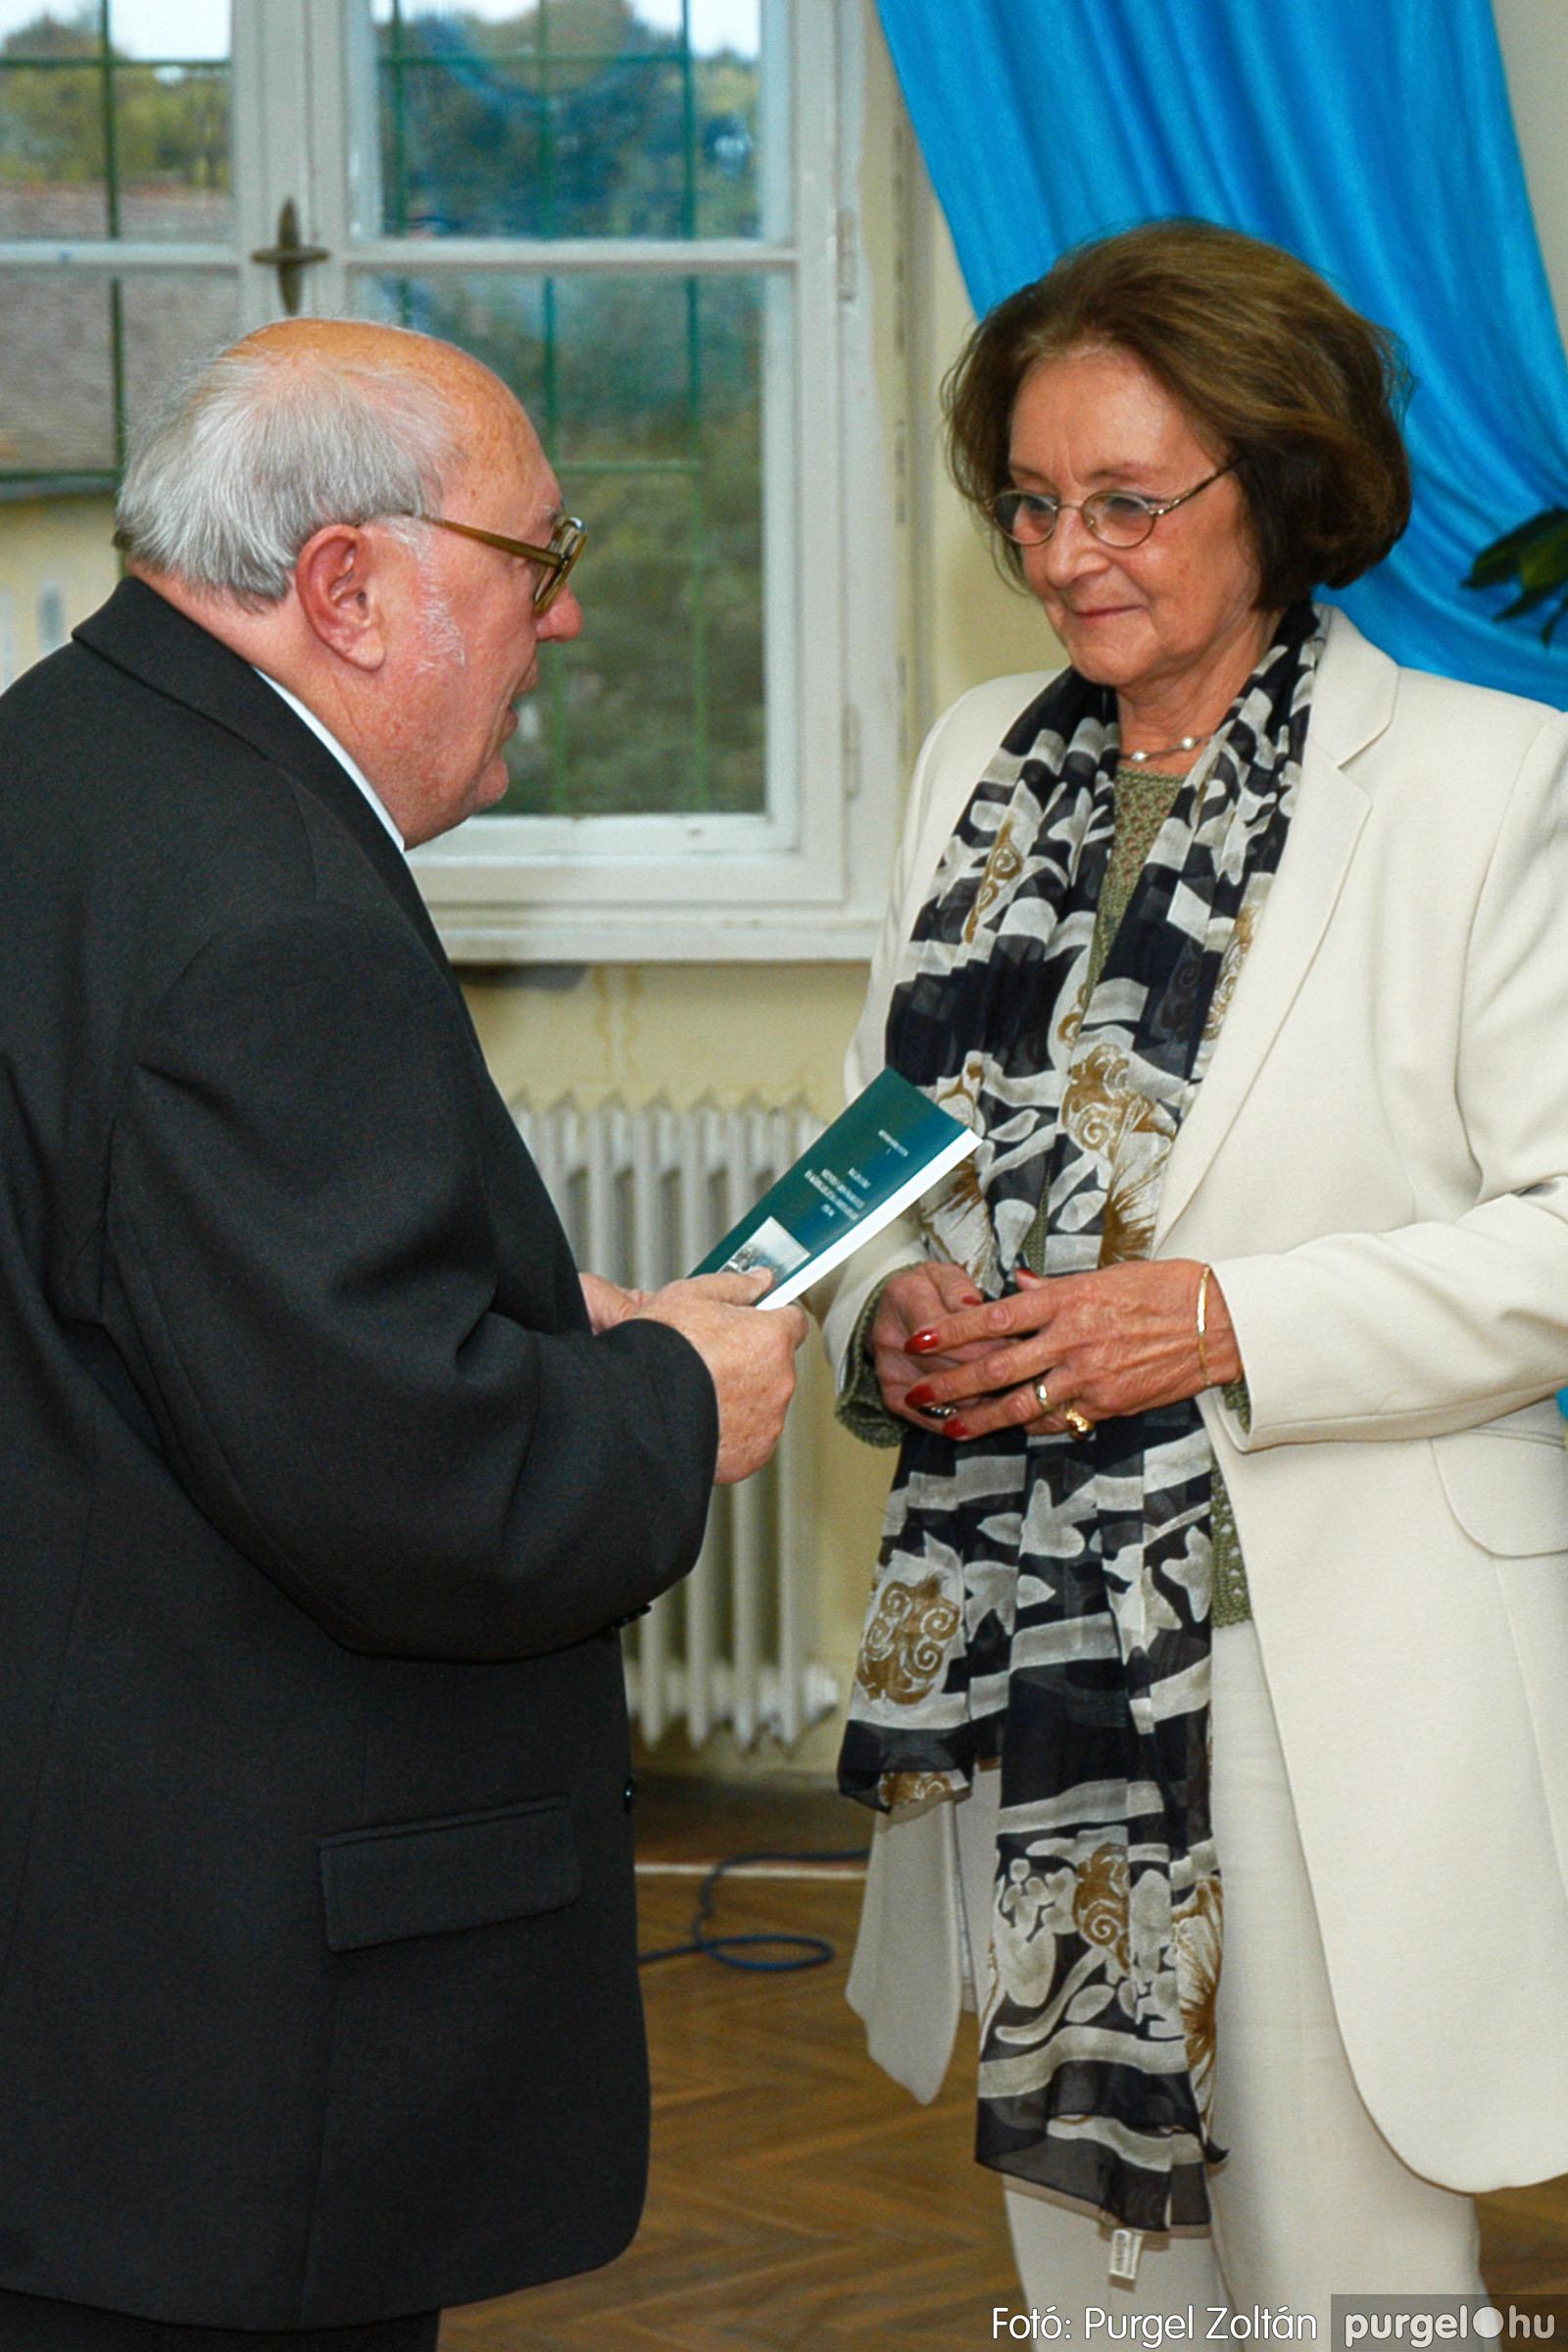 2004.09.25. 015 Dr. Csergő Károly alispán és kora című kiállítás és emléktábla avatás - Fotó:P. Z.©.jpg